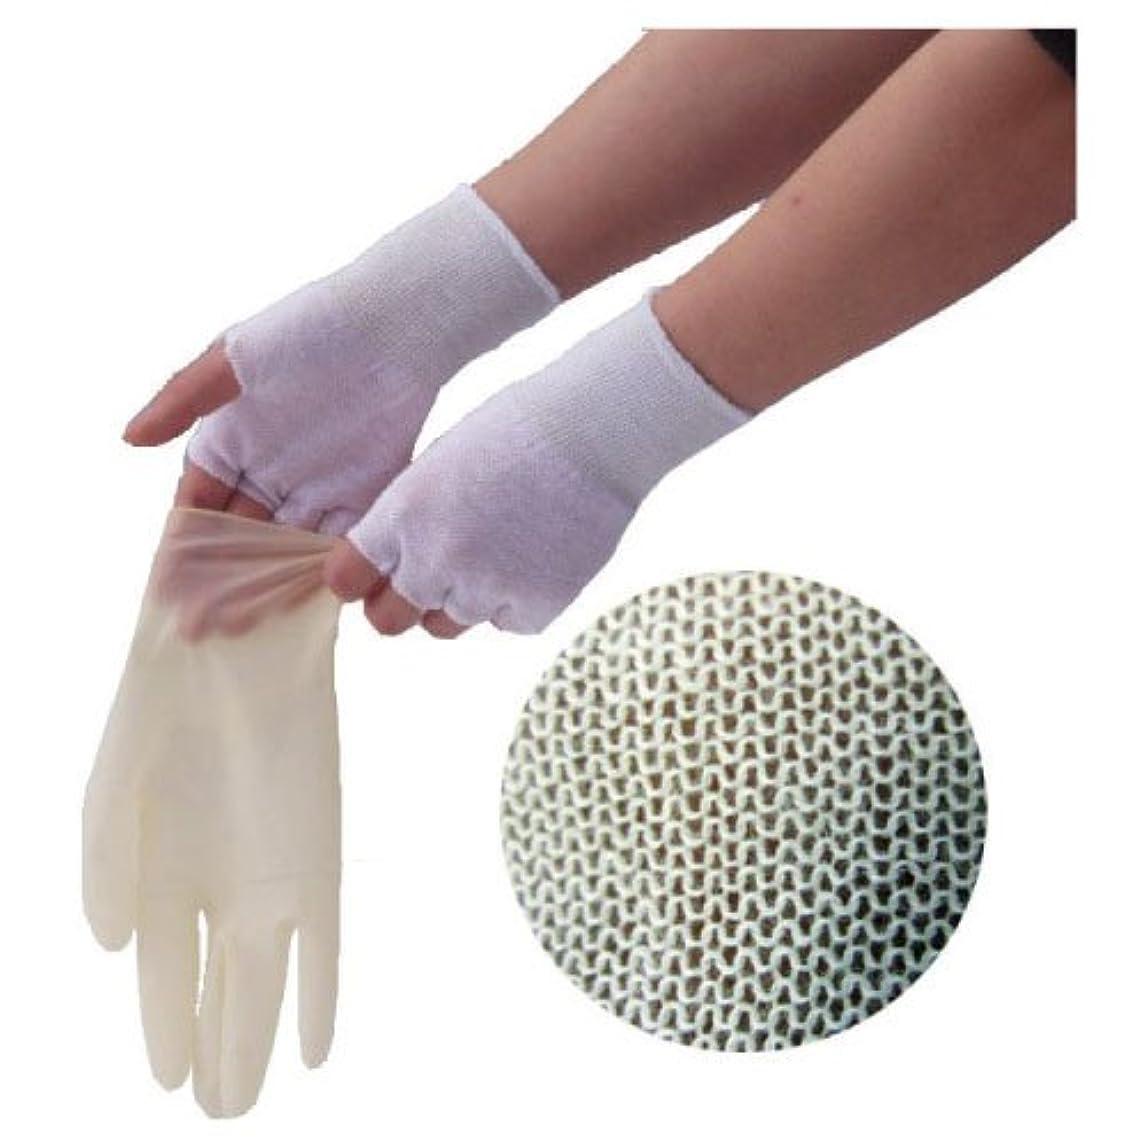 予防接種翻訳者読み書きのできないやさしインナー手袋(指なし) GI01 フリー 材質:コットン